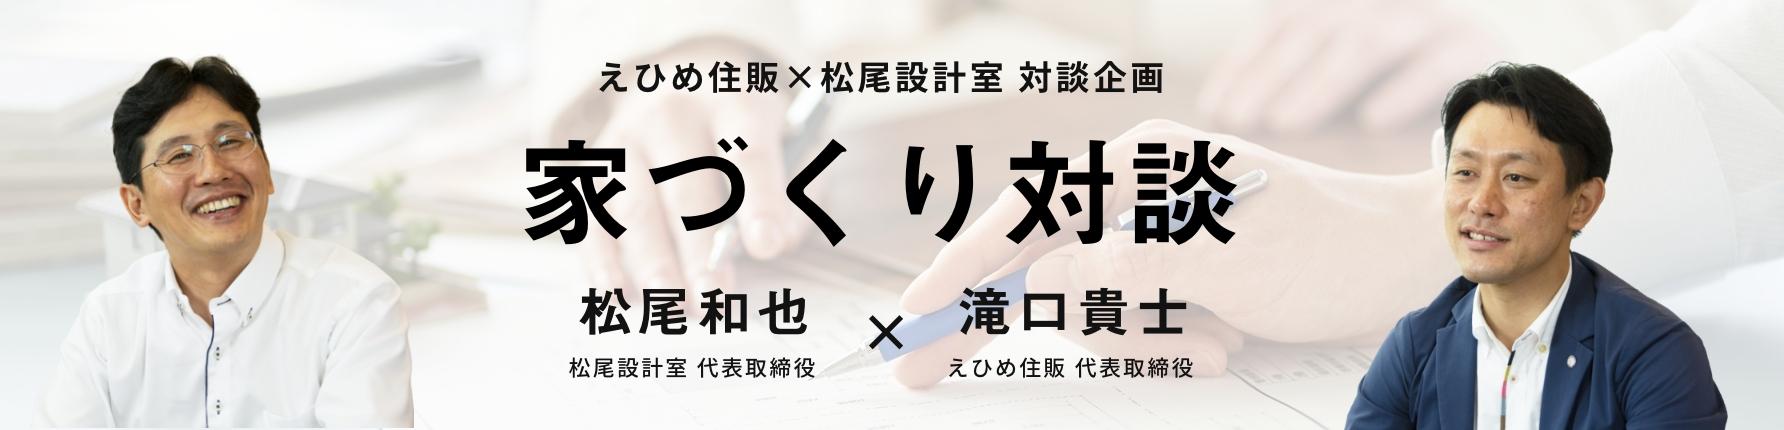 リンク:えひめ住販×松尾設計室 対談企画 家づくり対談